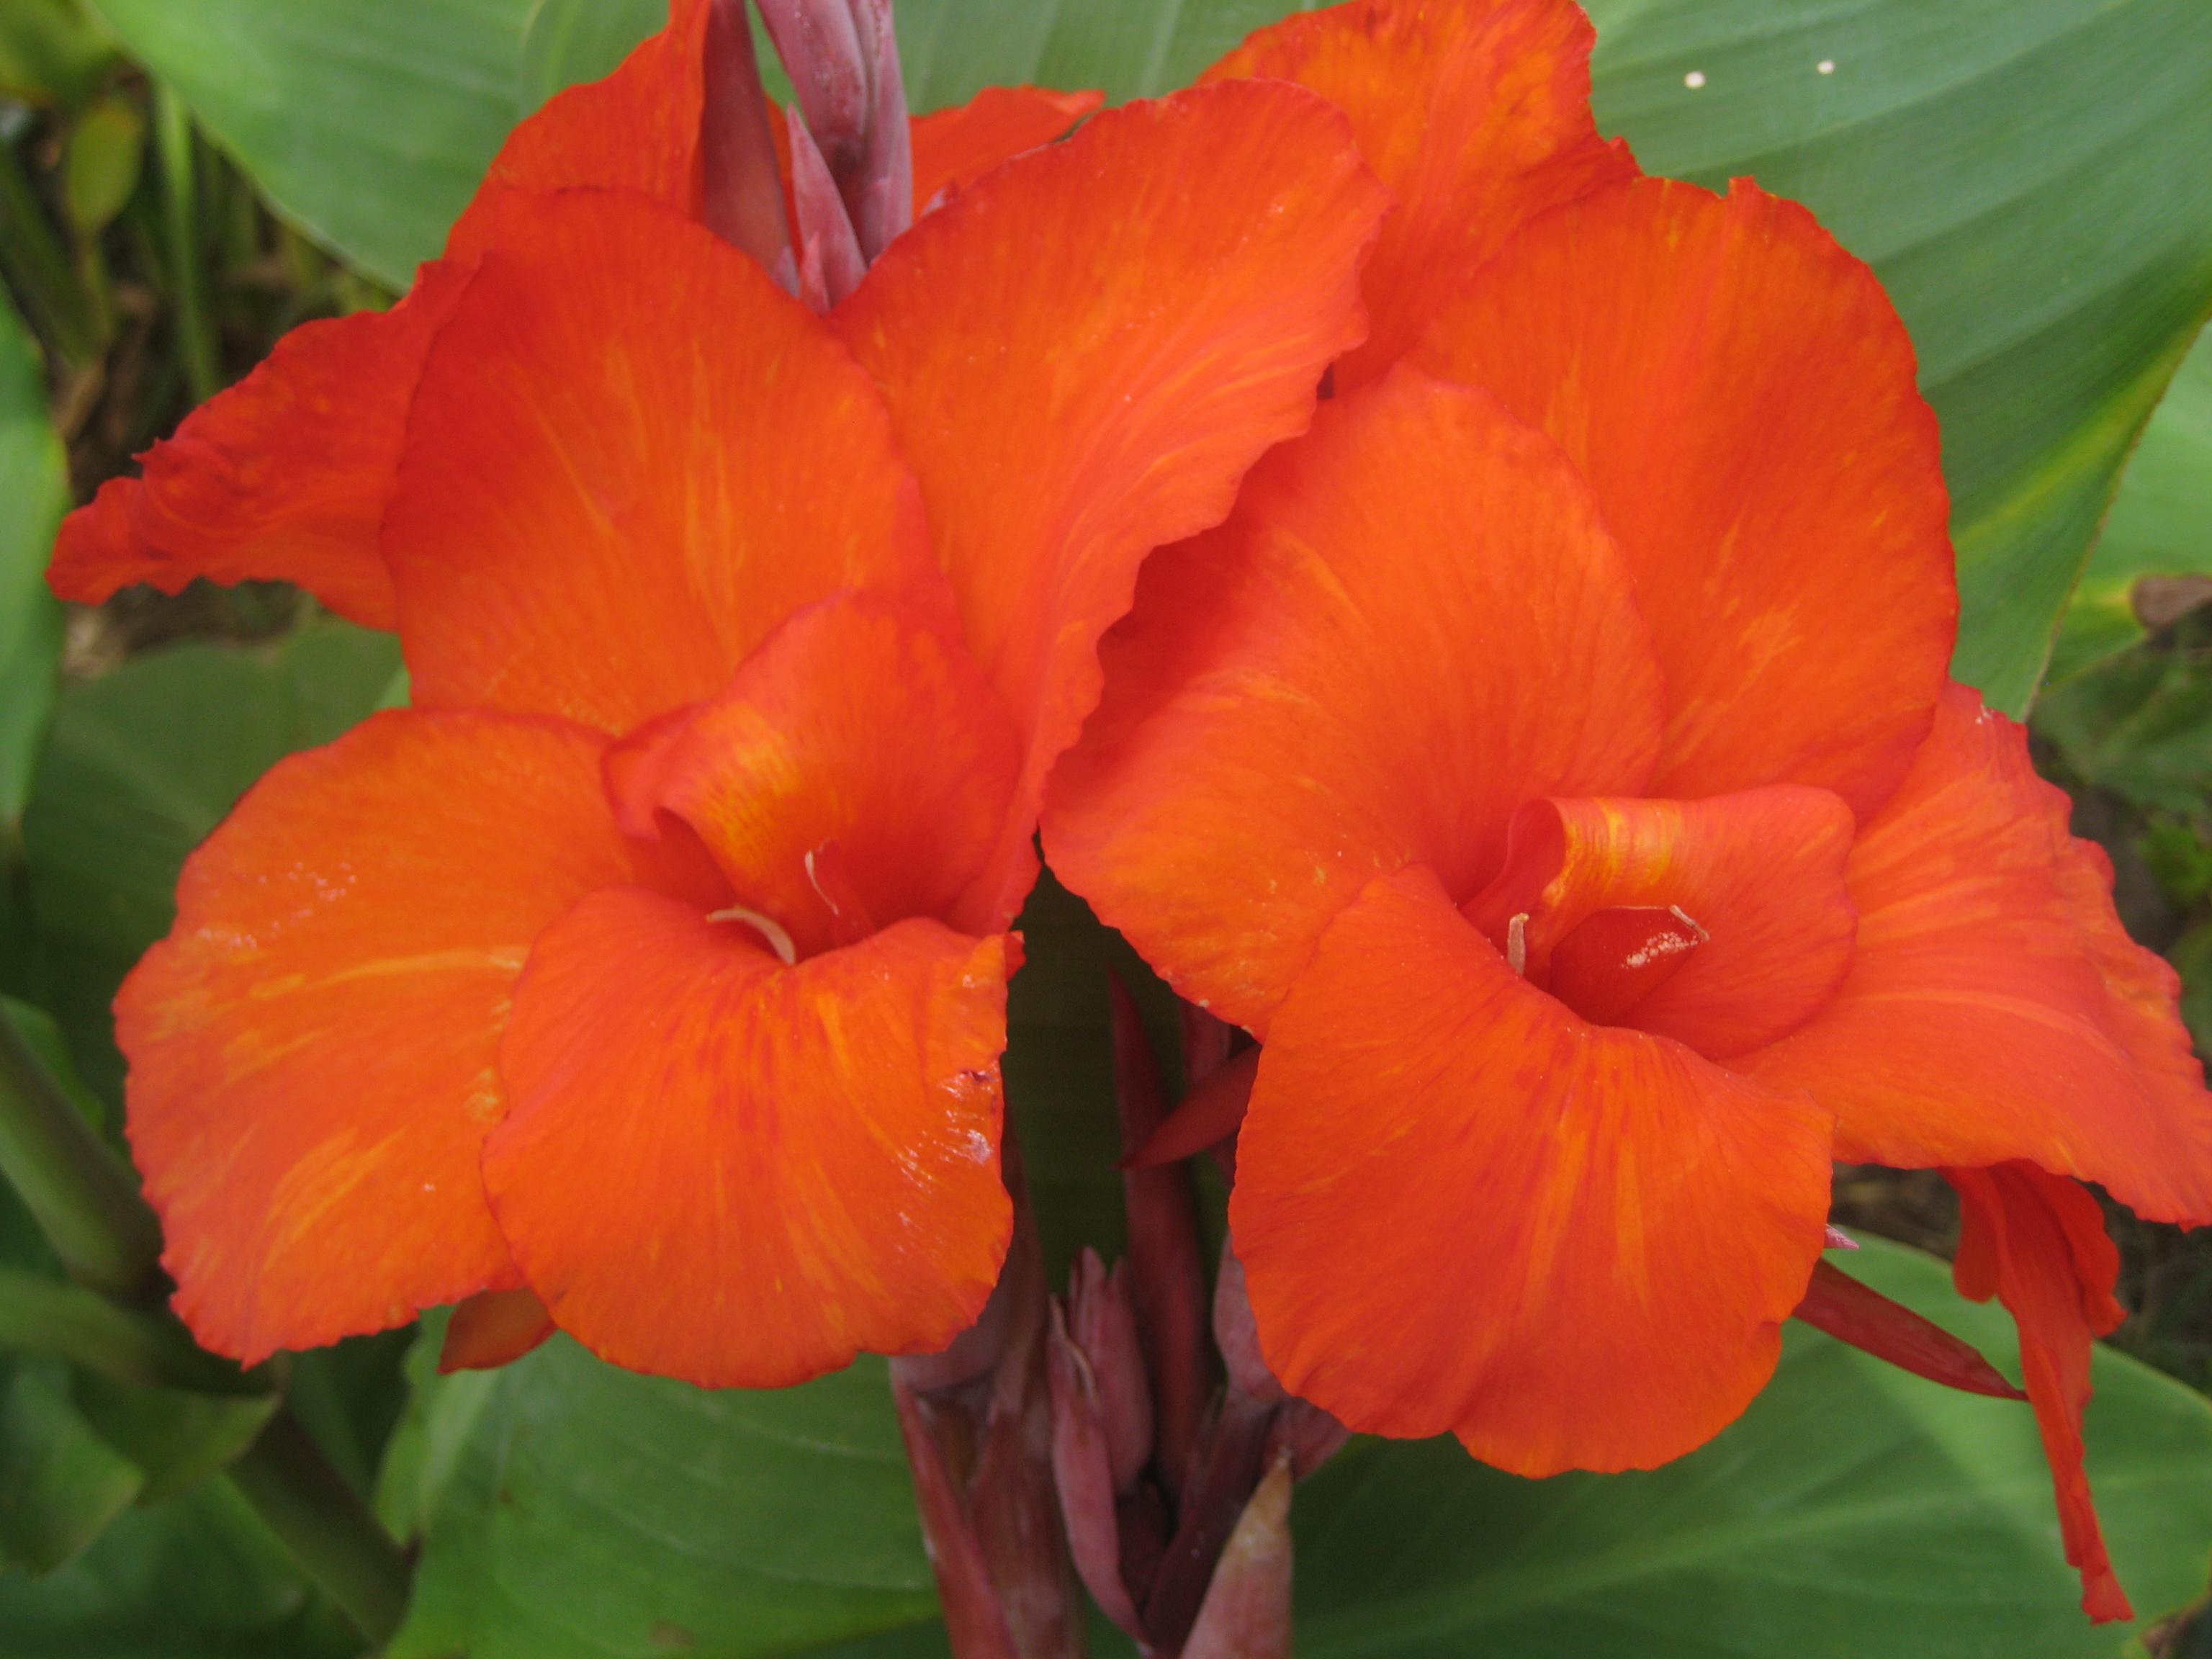 Цветы канны: фото сортов и видов